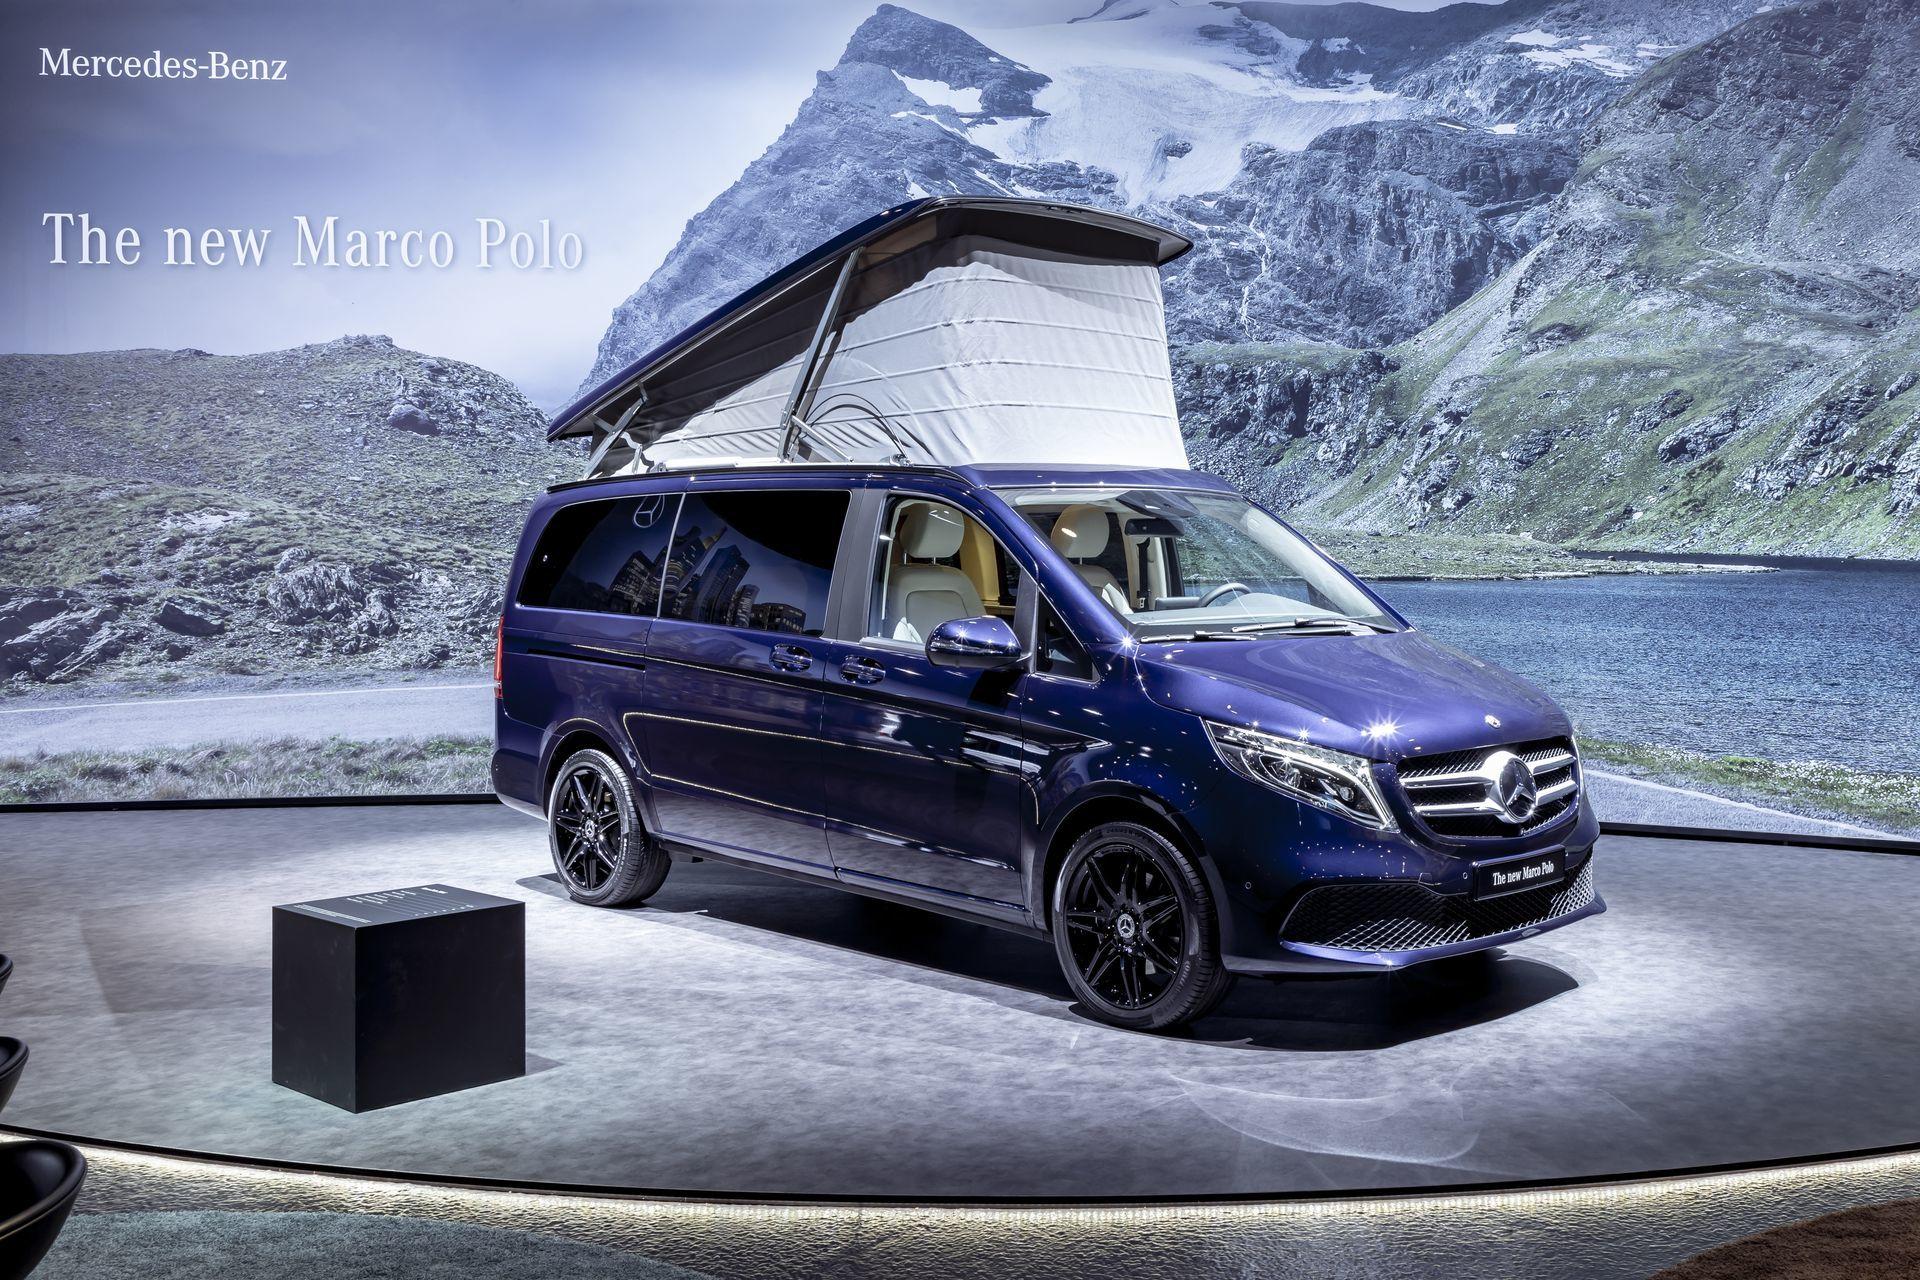 Vorstellung Der Neuen Mercedes Benz V Klasse 2019 // Presentatio